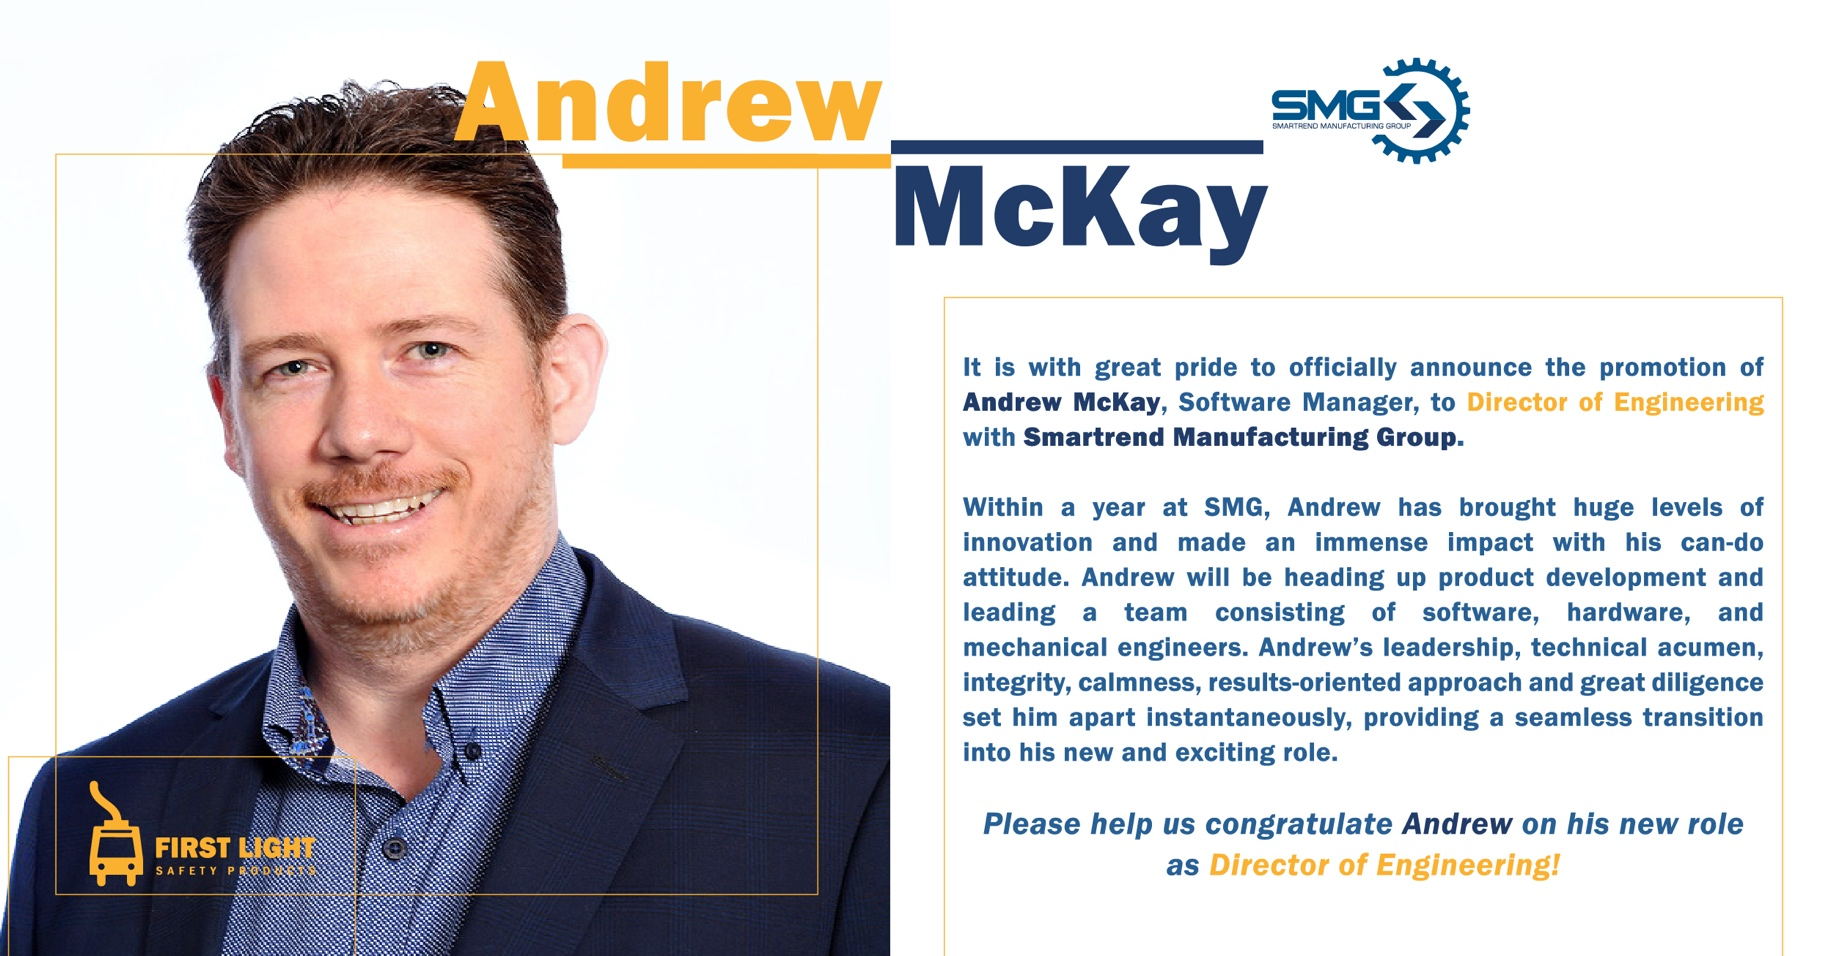 AndrewMcKay